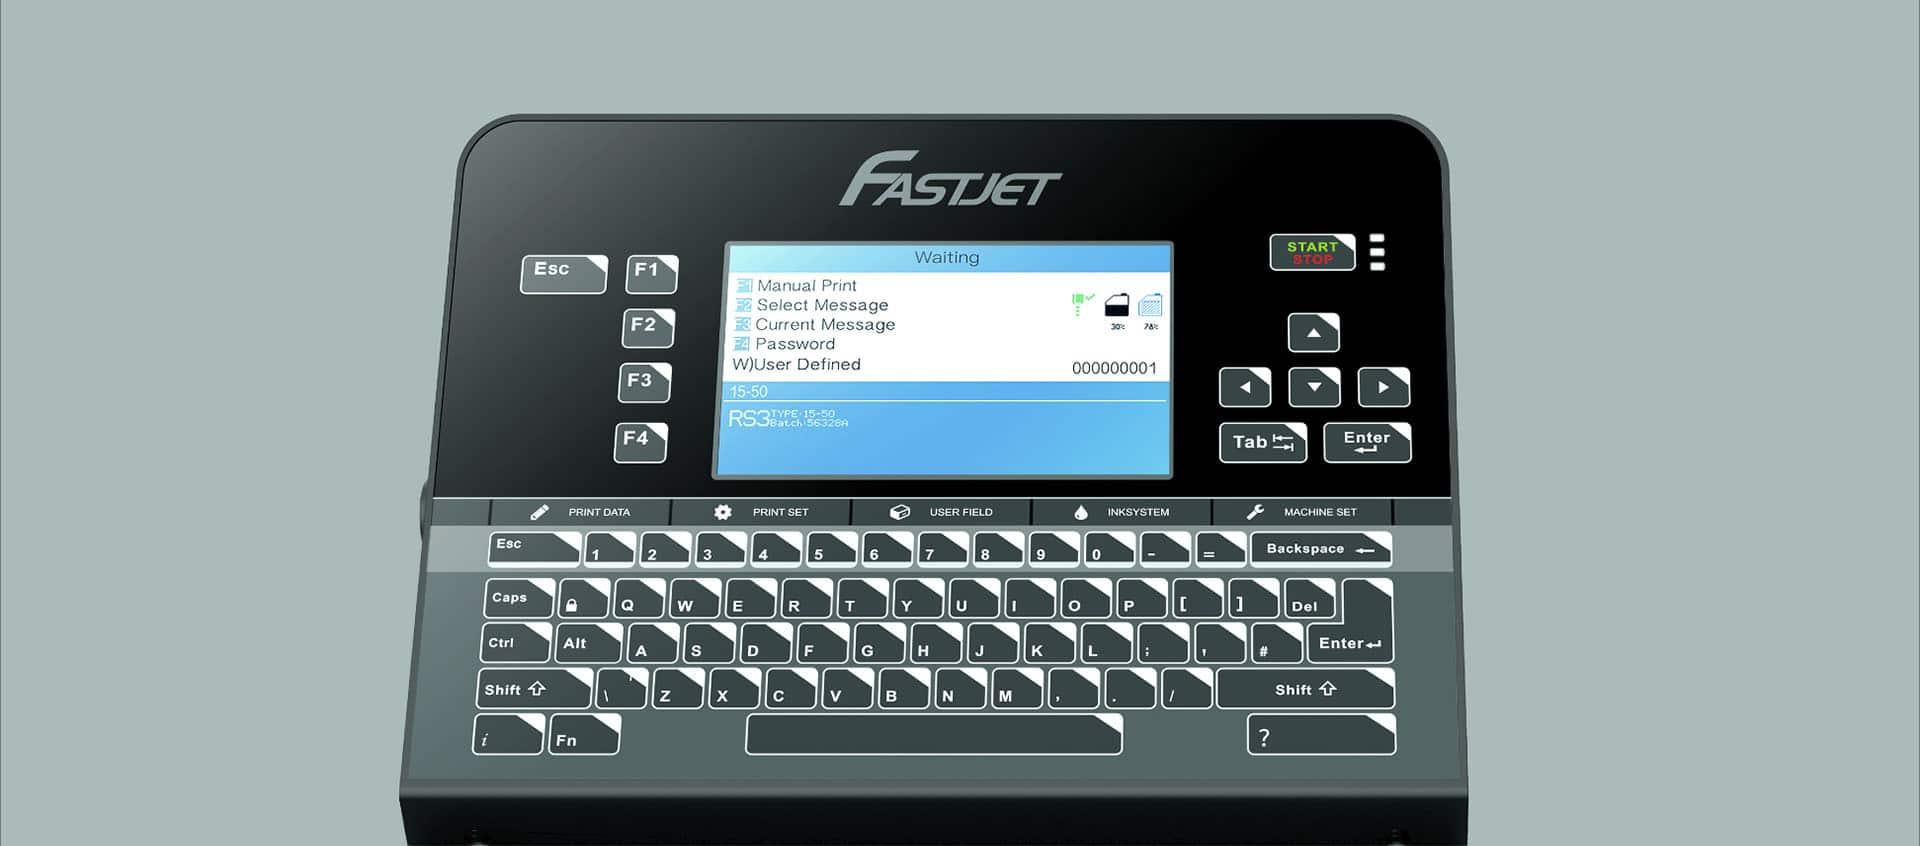 Краплеструменевий маркувальник Fastjet F560 Fastjet F540 передня панель